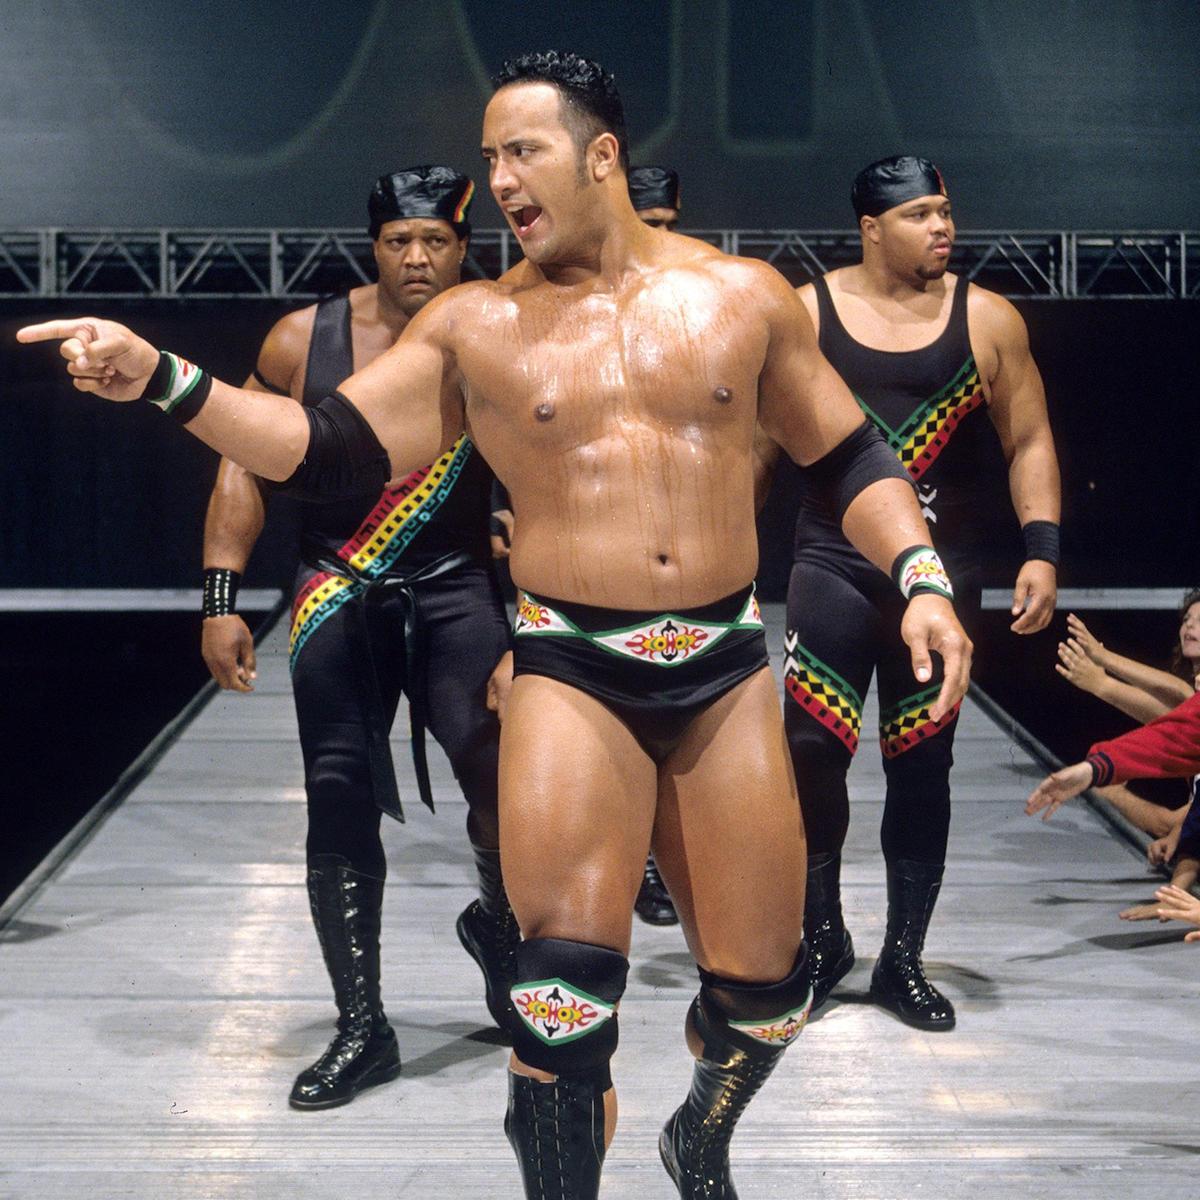 Wwe wrestling the rock